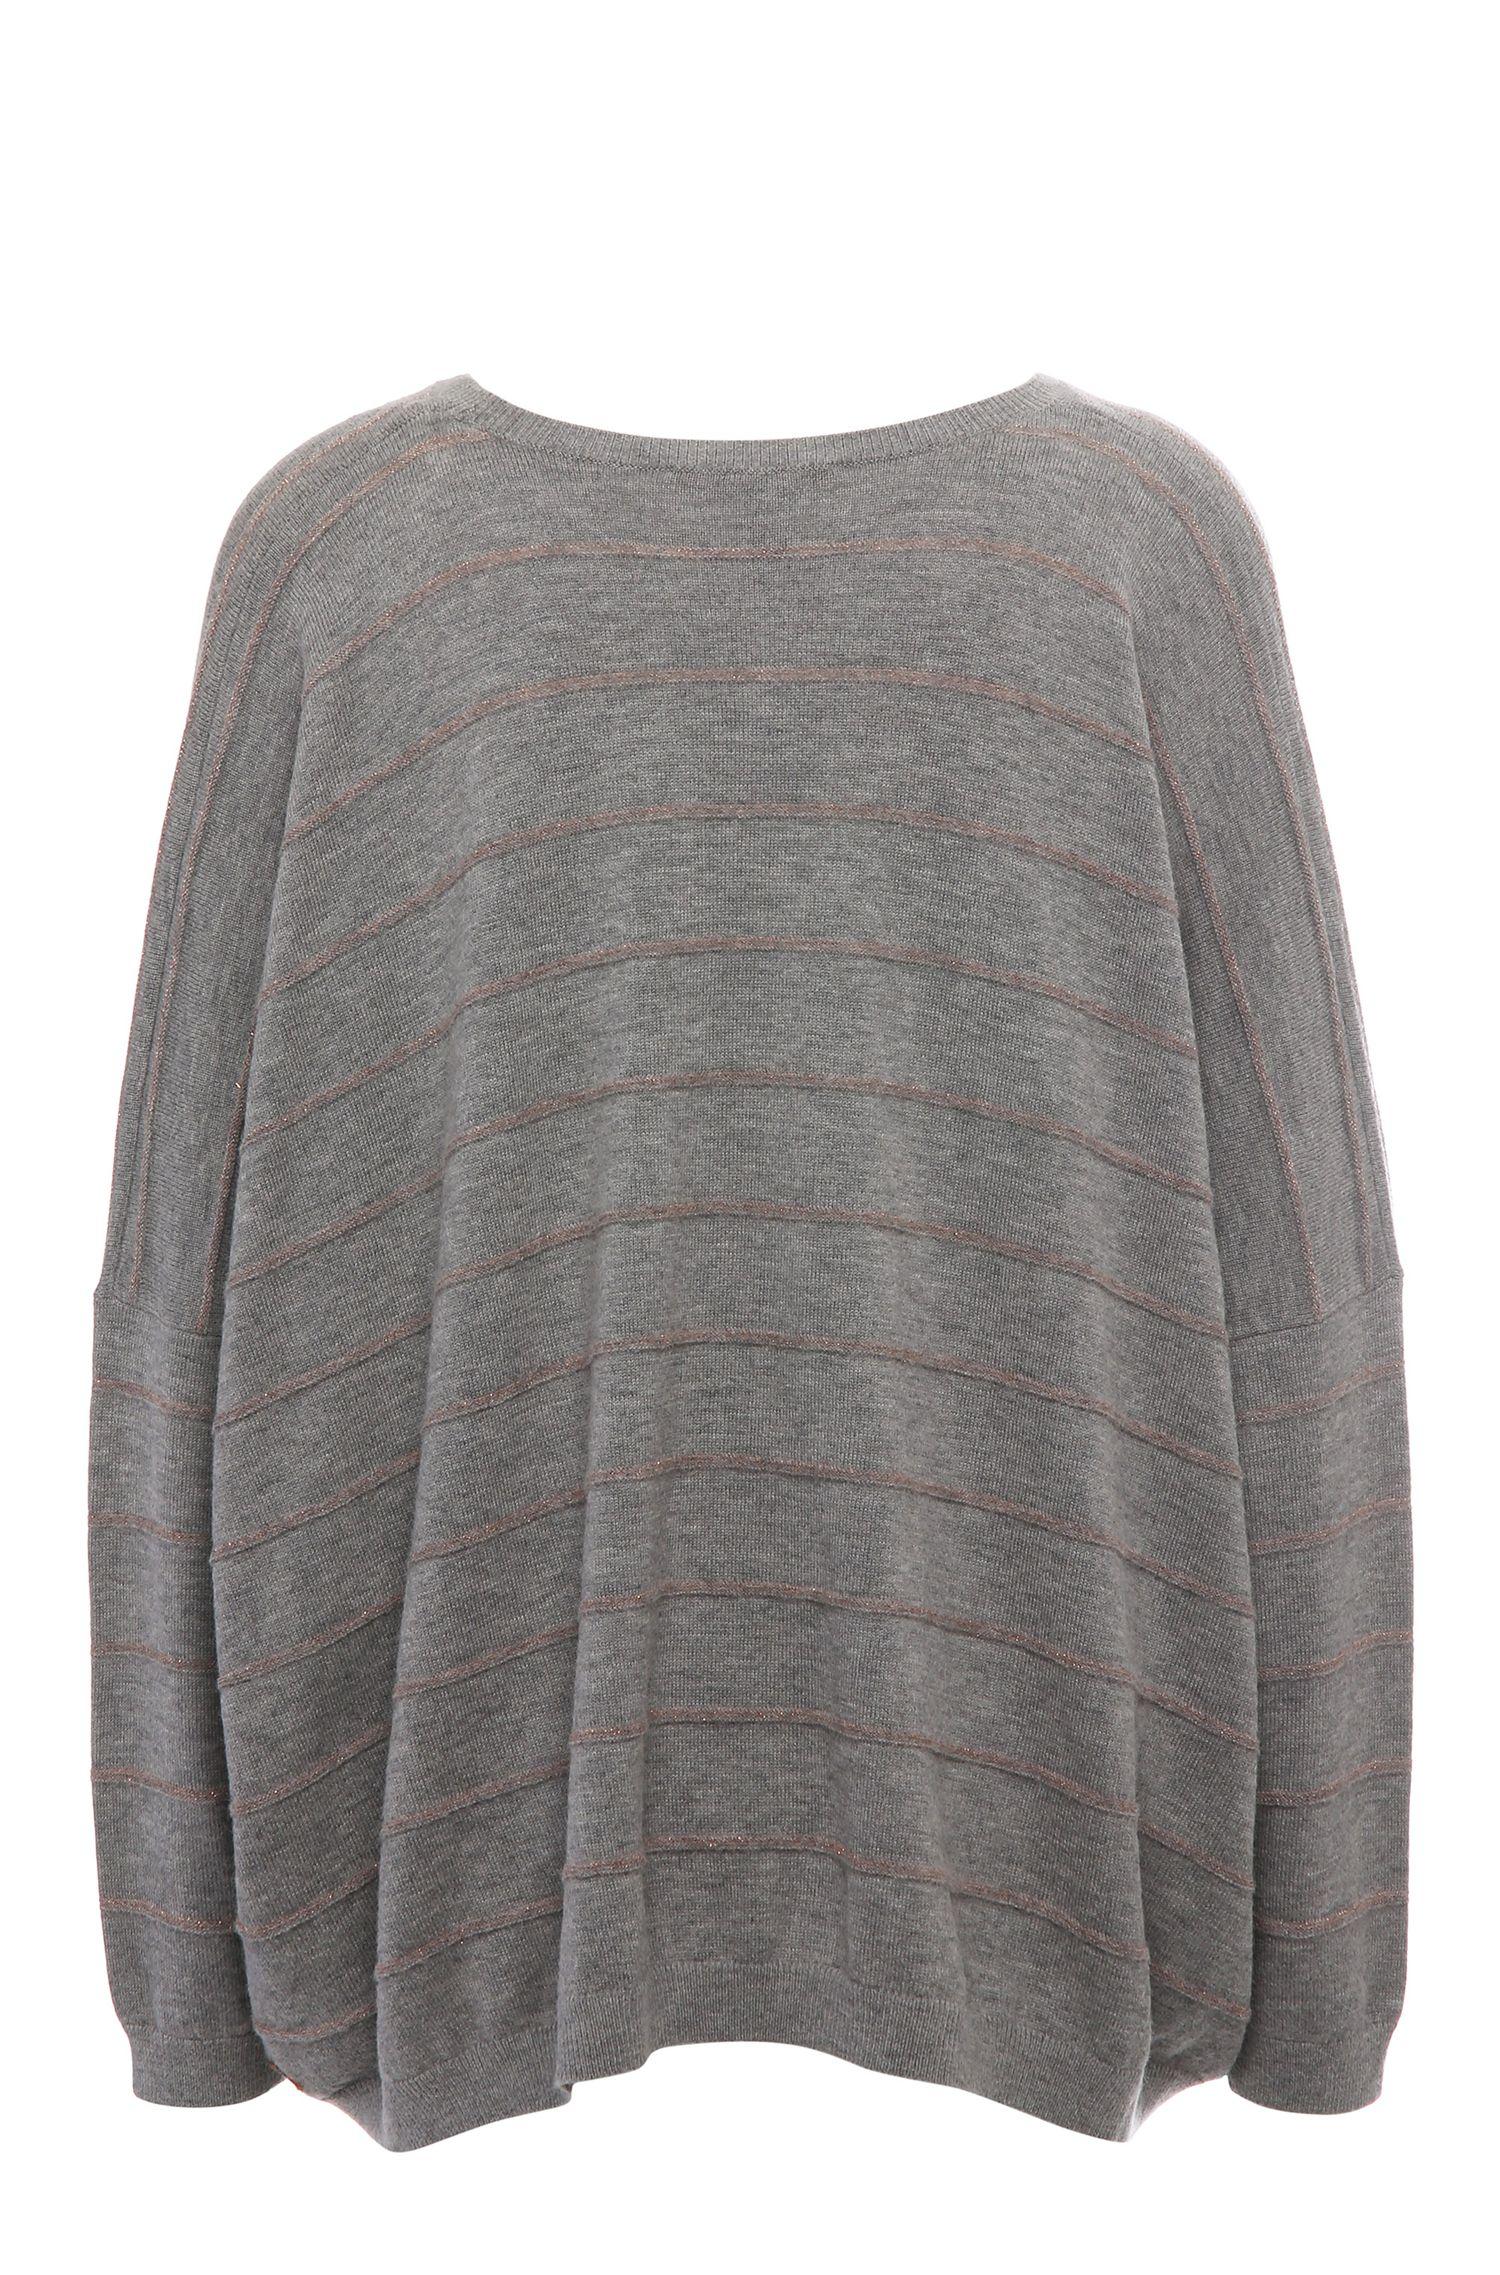 Gestreifter Relaxed-Fit Pullover aus Material-Mix mit Schurwolle, Alpaka und Metallfaser: ´Izusal`